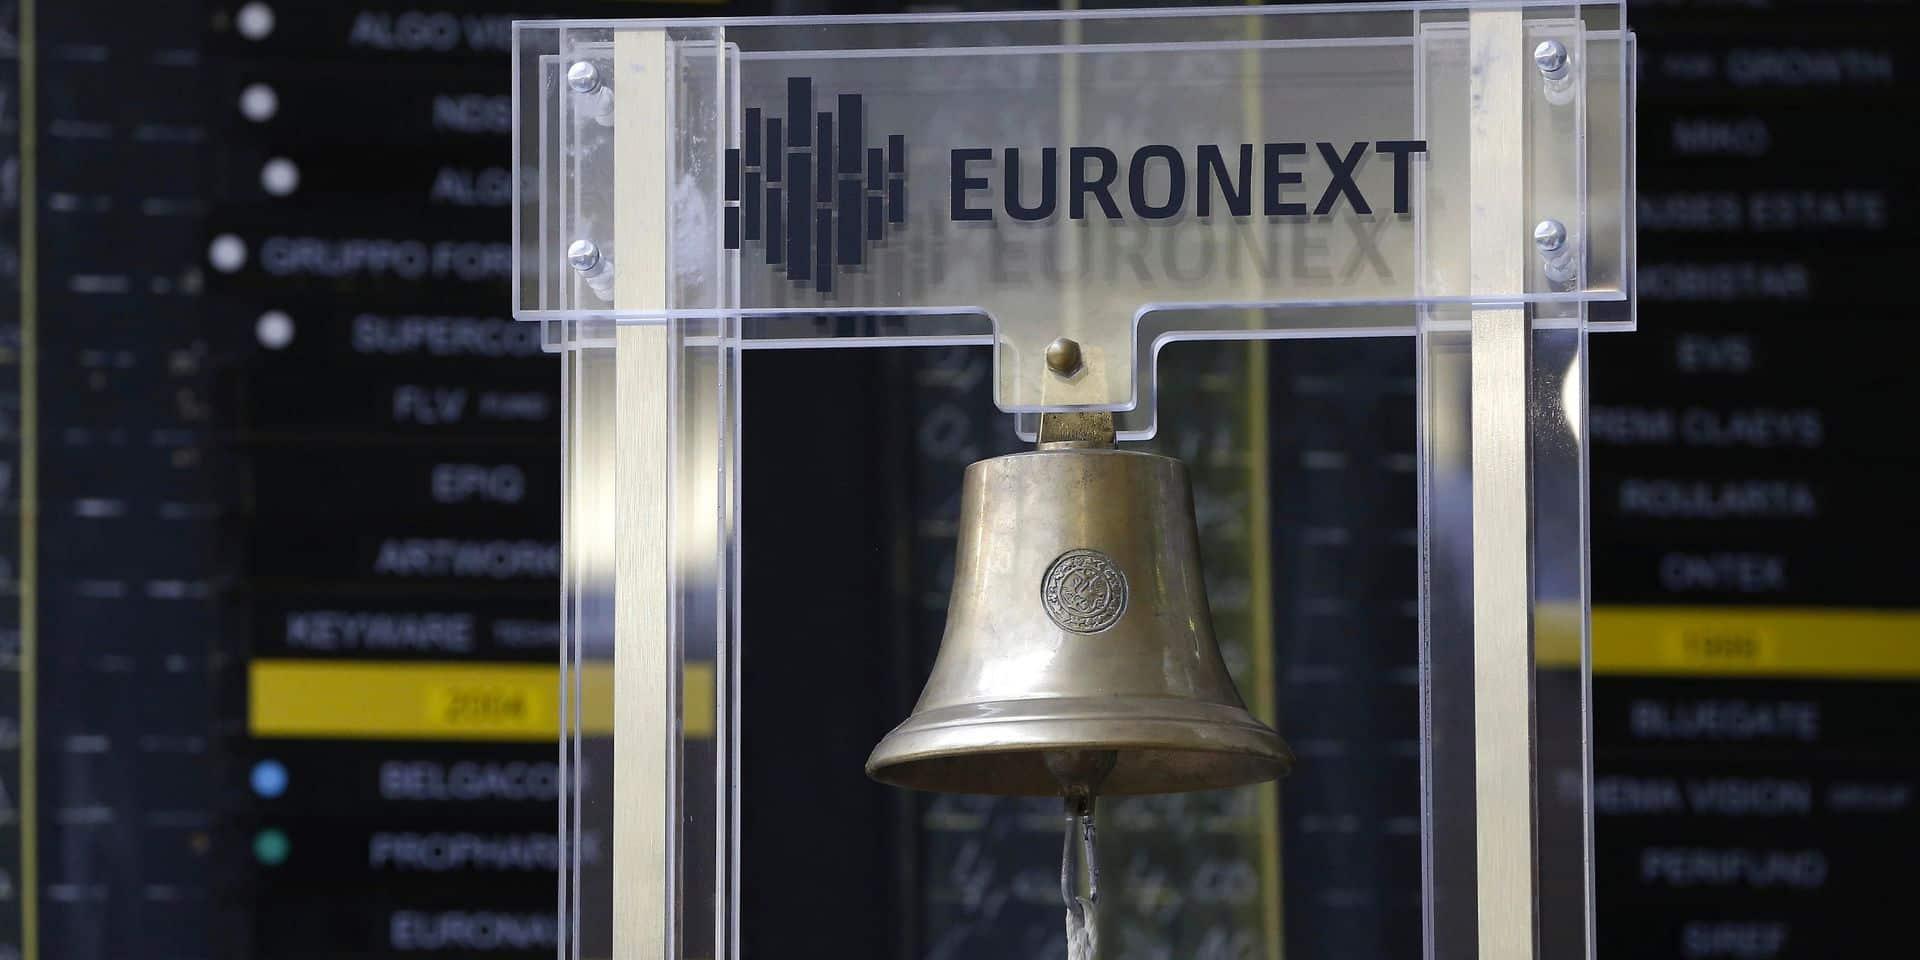 Les Bourses européennes terminent en baisse, le Bel 20 perd presque 2%